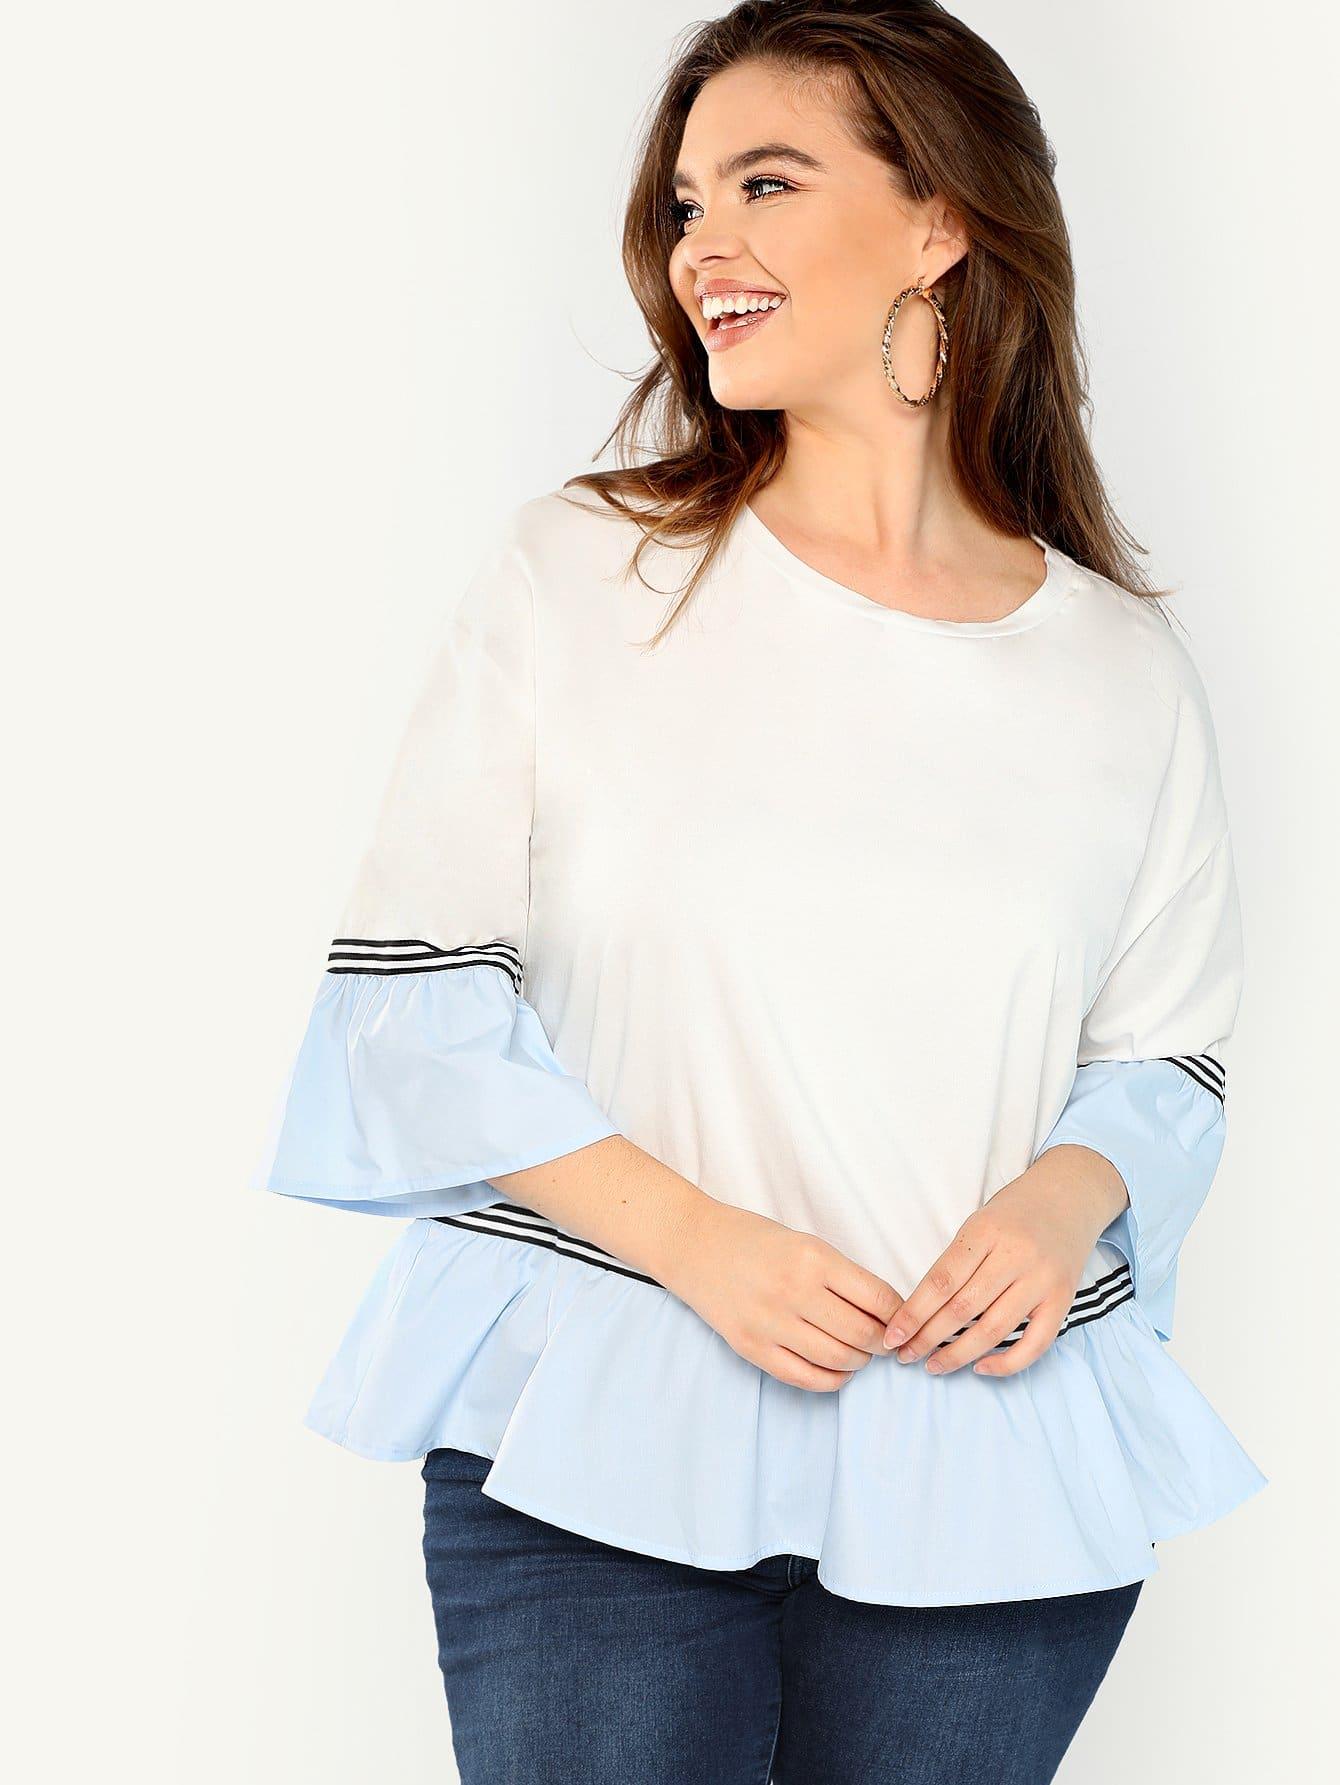 Купить Плюс размеры контрастная футболка с оброками, Faith Bowman, SheIn